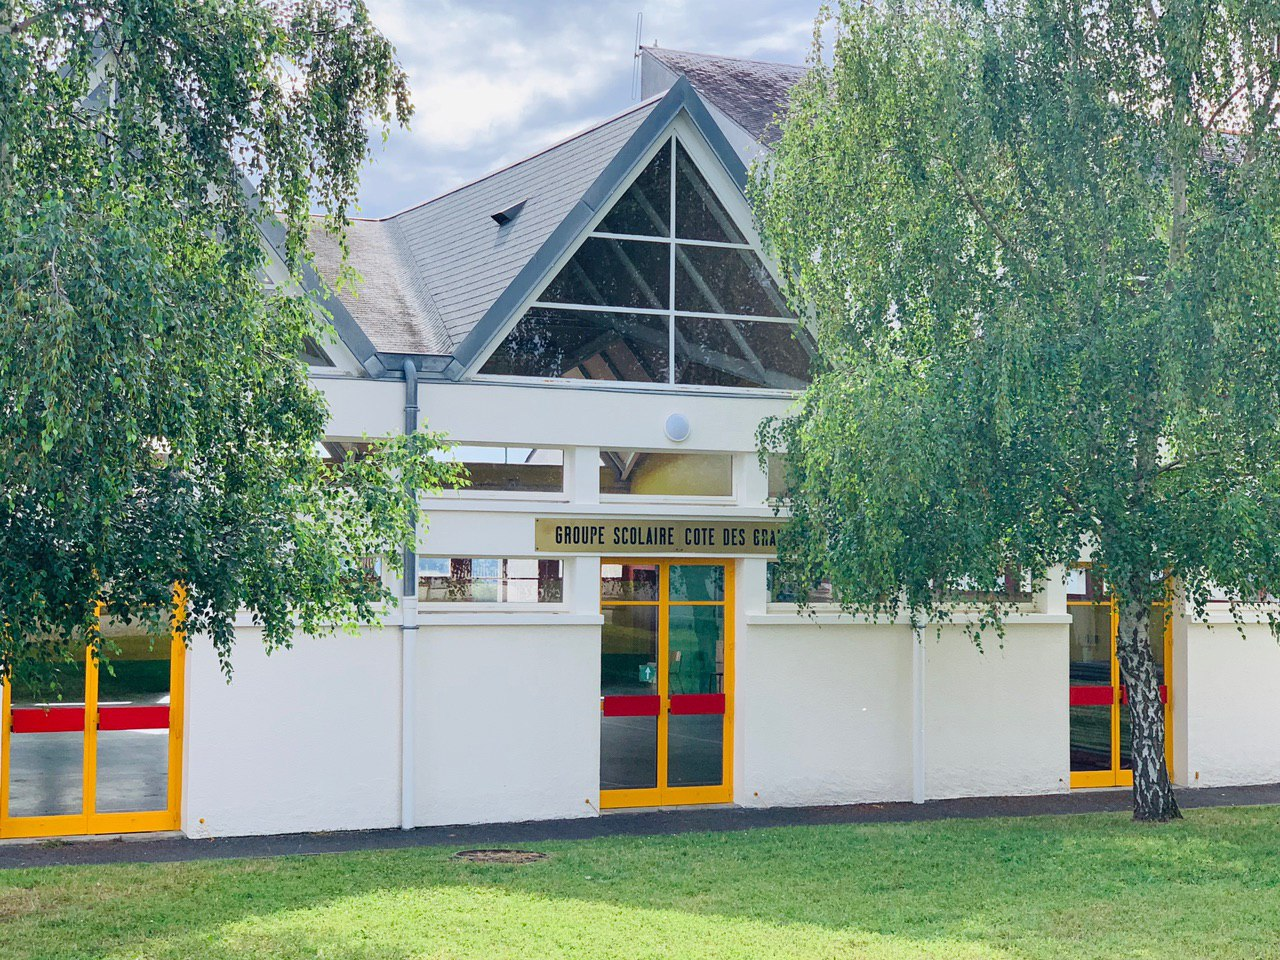 Ecole maternelle et élémentaire de la Côte des Granges - Ecole publique de Descartes